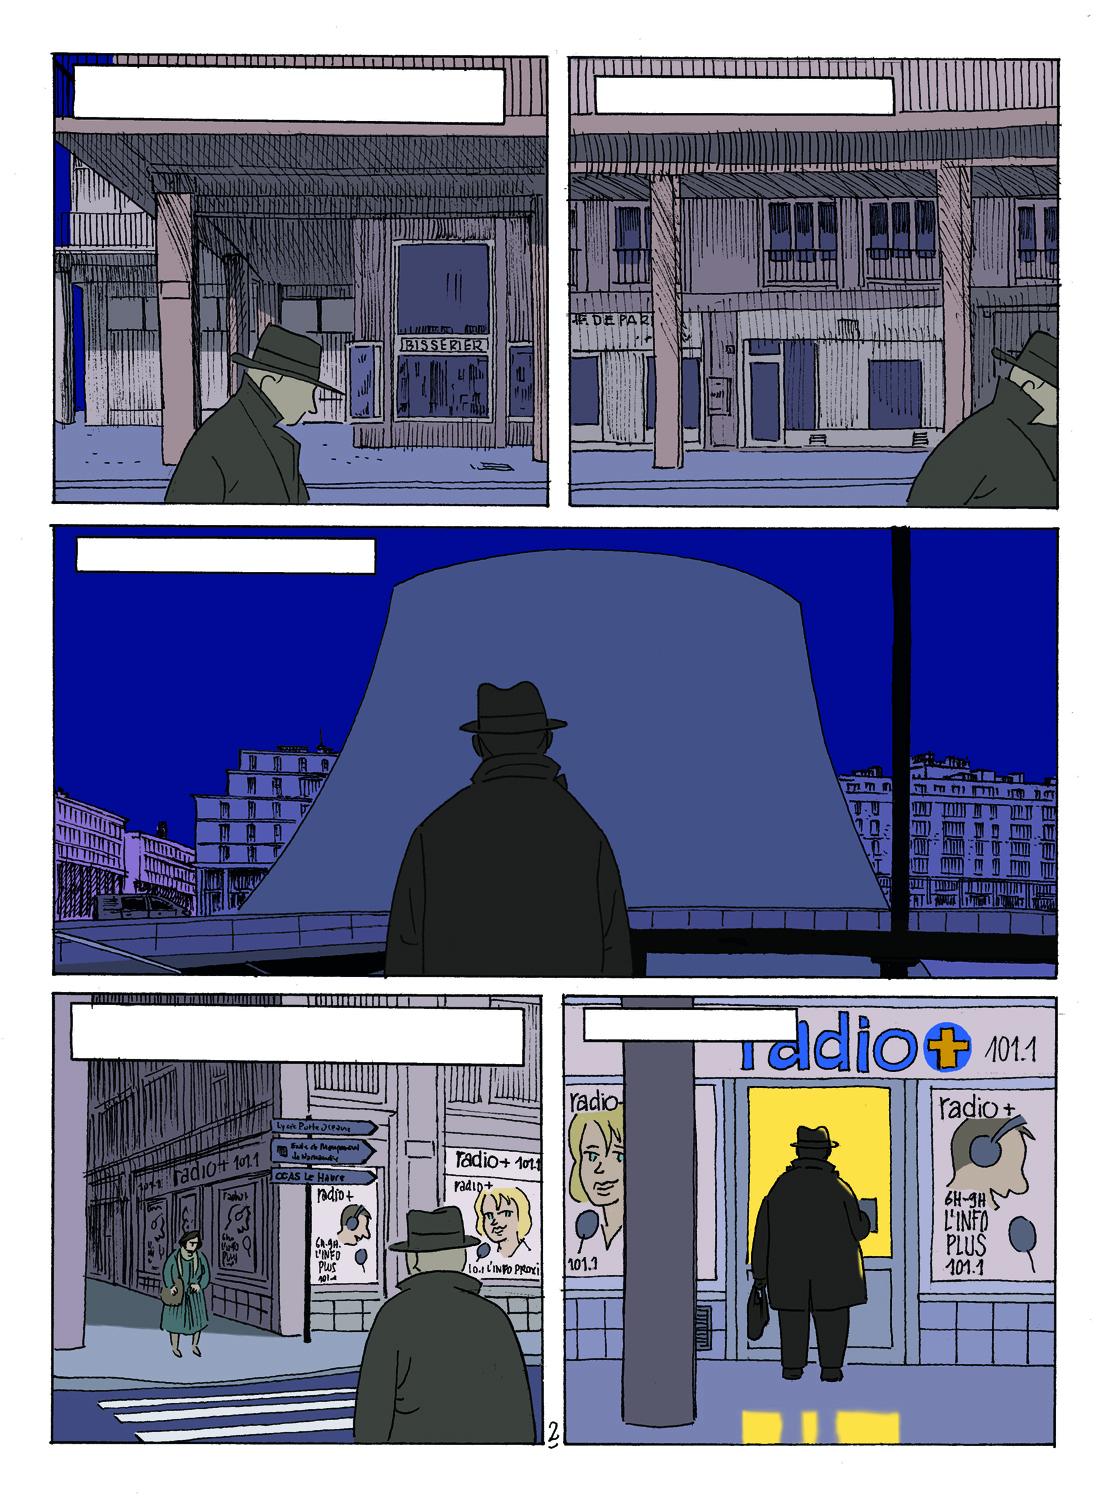 30 ans d'édition, par Sébastien Gnaedig, Epilogue: Mister Nobody. Colorisation de la planche 2 de Mister Nobody